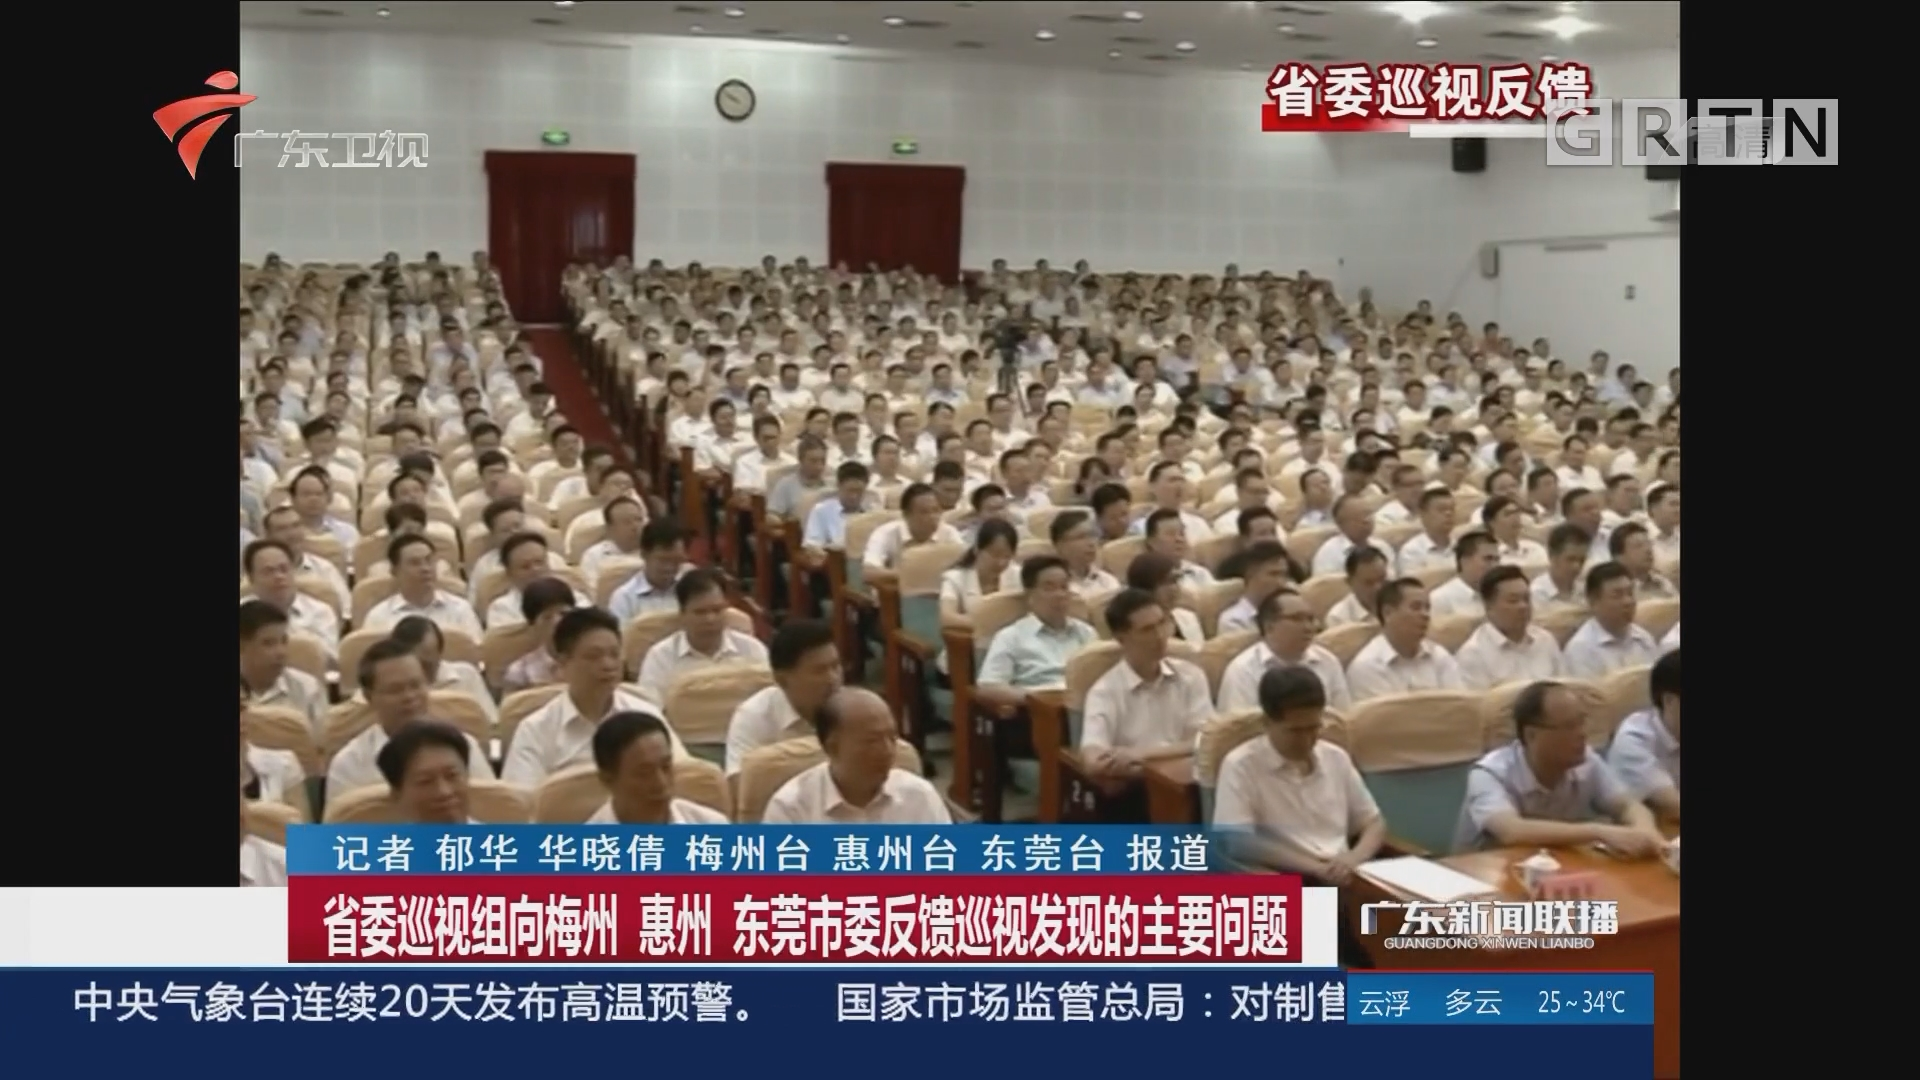 省委巡视组向梅州 惠州 东莞市委反馈巡视发现的主要问题